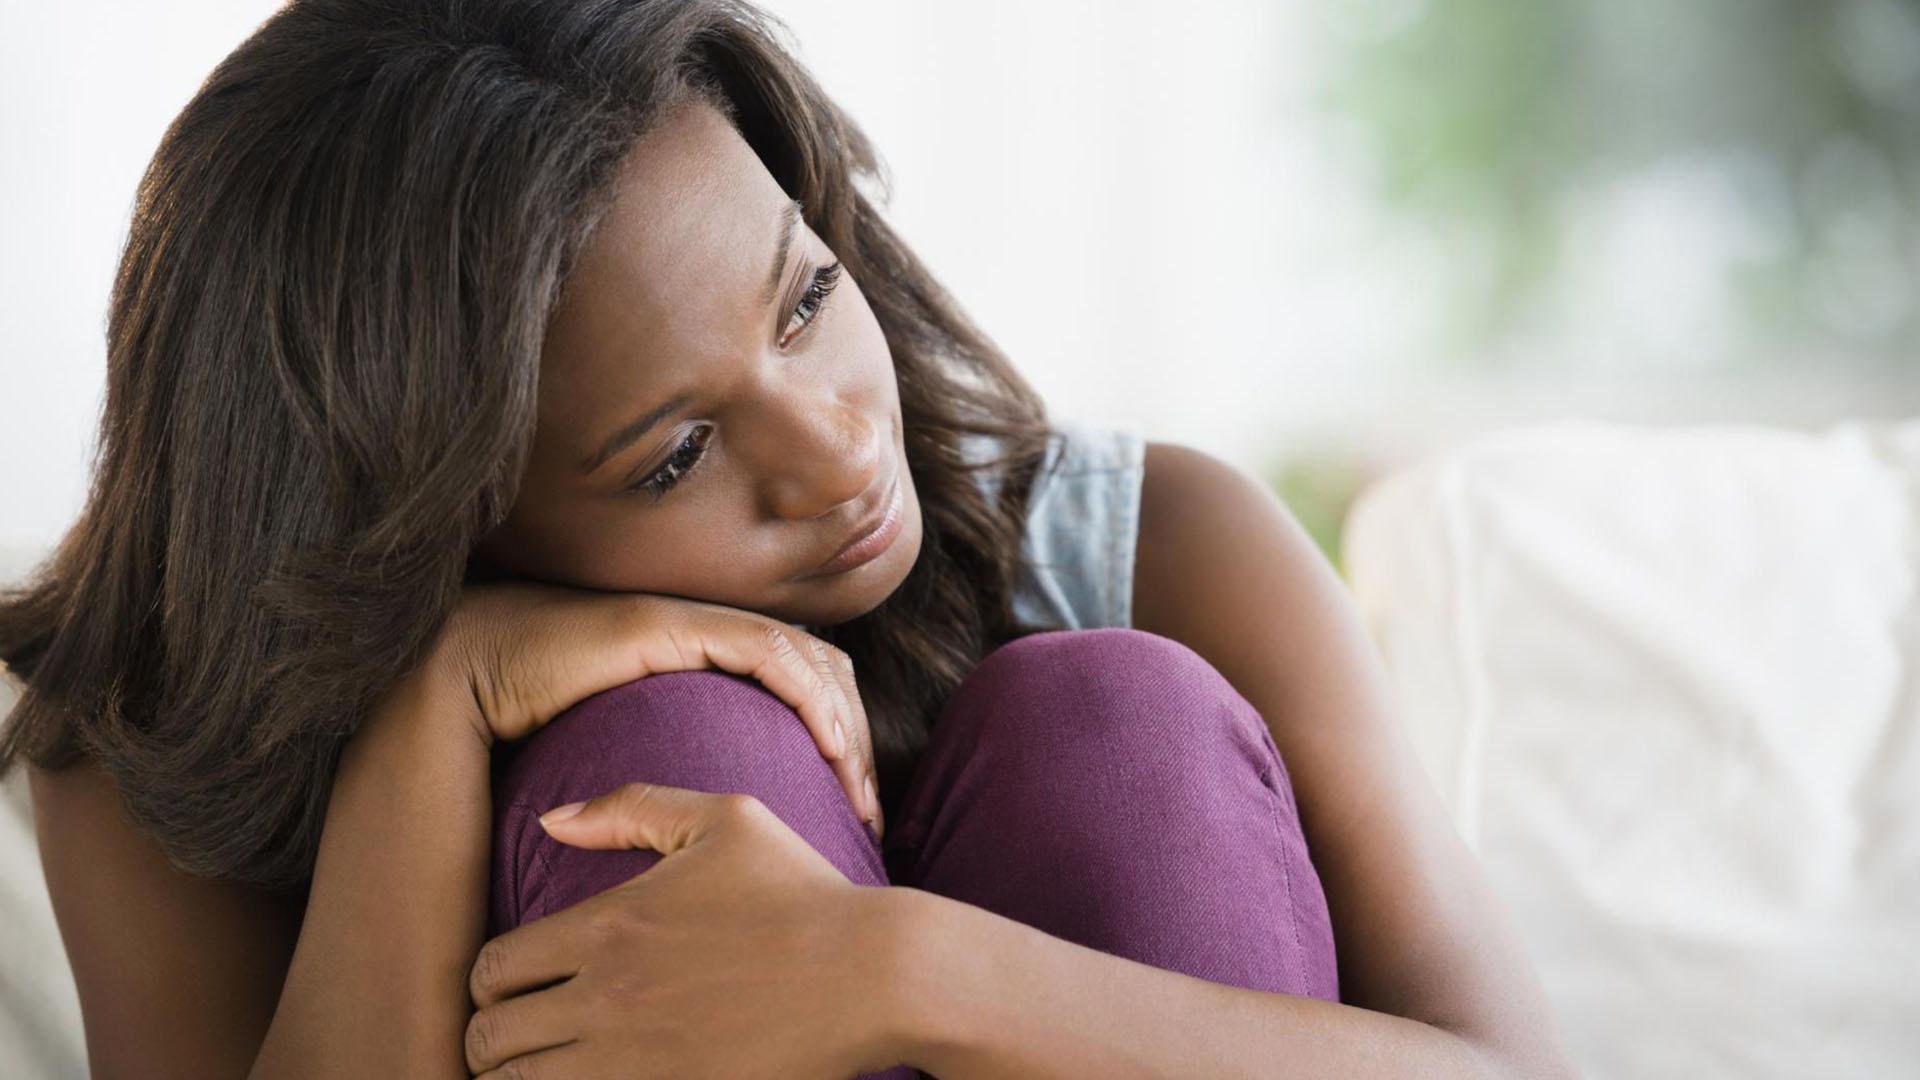 Scintilla, Percorso disturbi femminili, mestruazione, mestruazioni, sindrome premestruale, dolori addominali, dolori lombari, cefalea, emicrania, cisti, vaginite, cistite, tumori, rimborso, rimborsi, Gordola, Locarno, Ticino